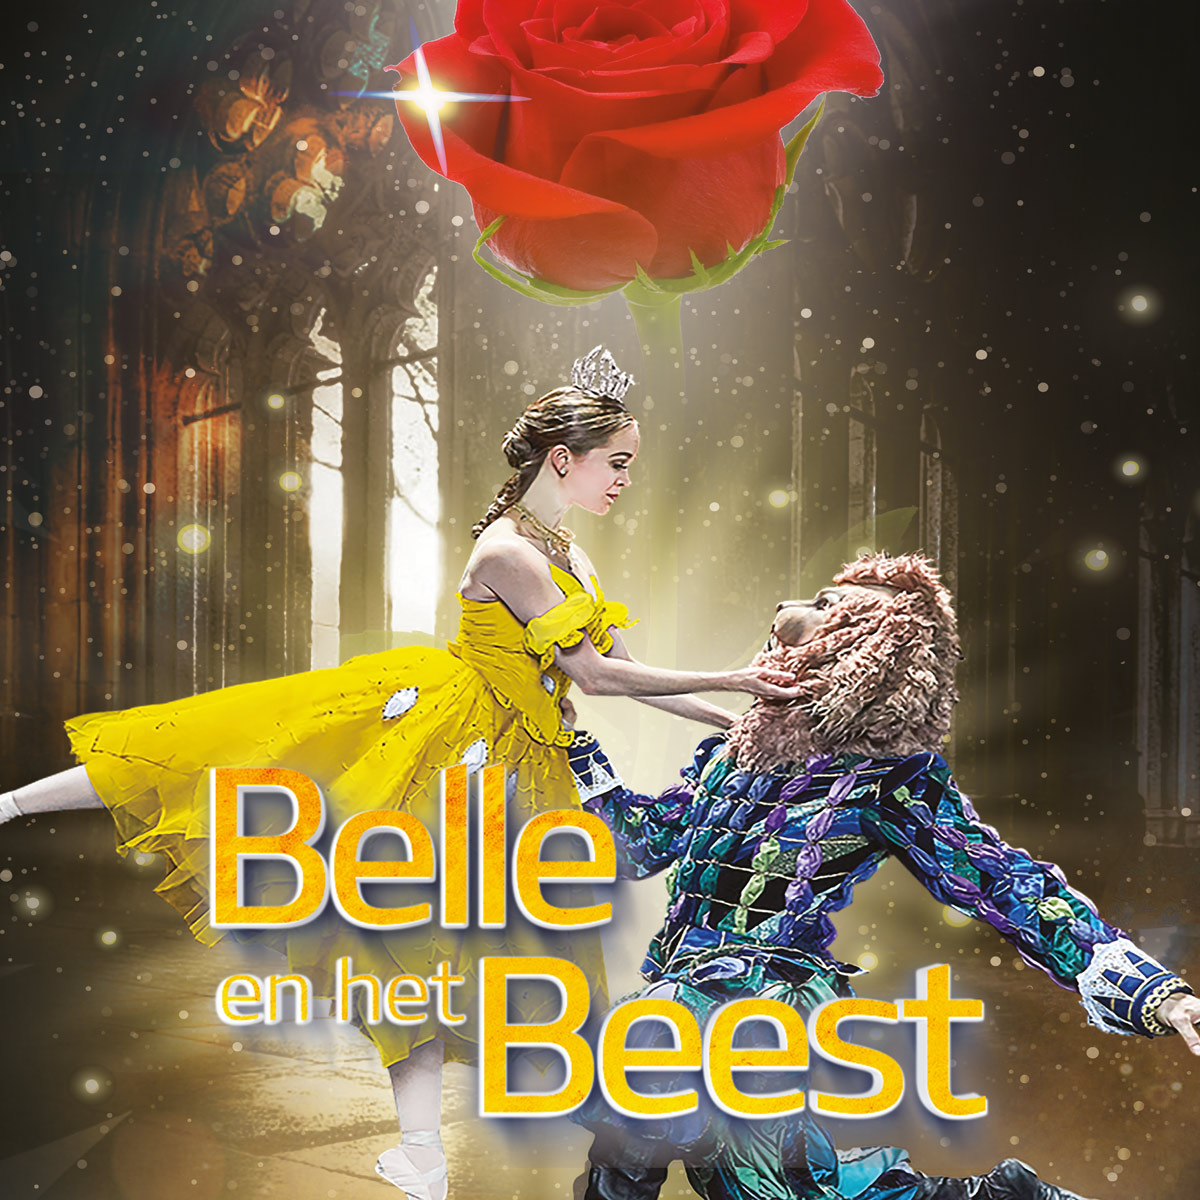 Belle en het Beest, Een magisch verhaal, in sprookjesachtige decors verteld en gedanst door 20 artiesten en een groot orkest van 30 muzikanten!